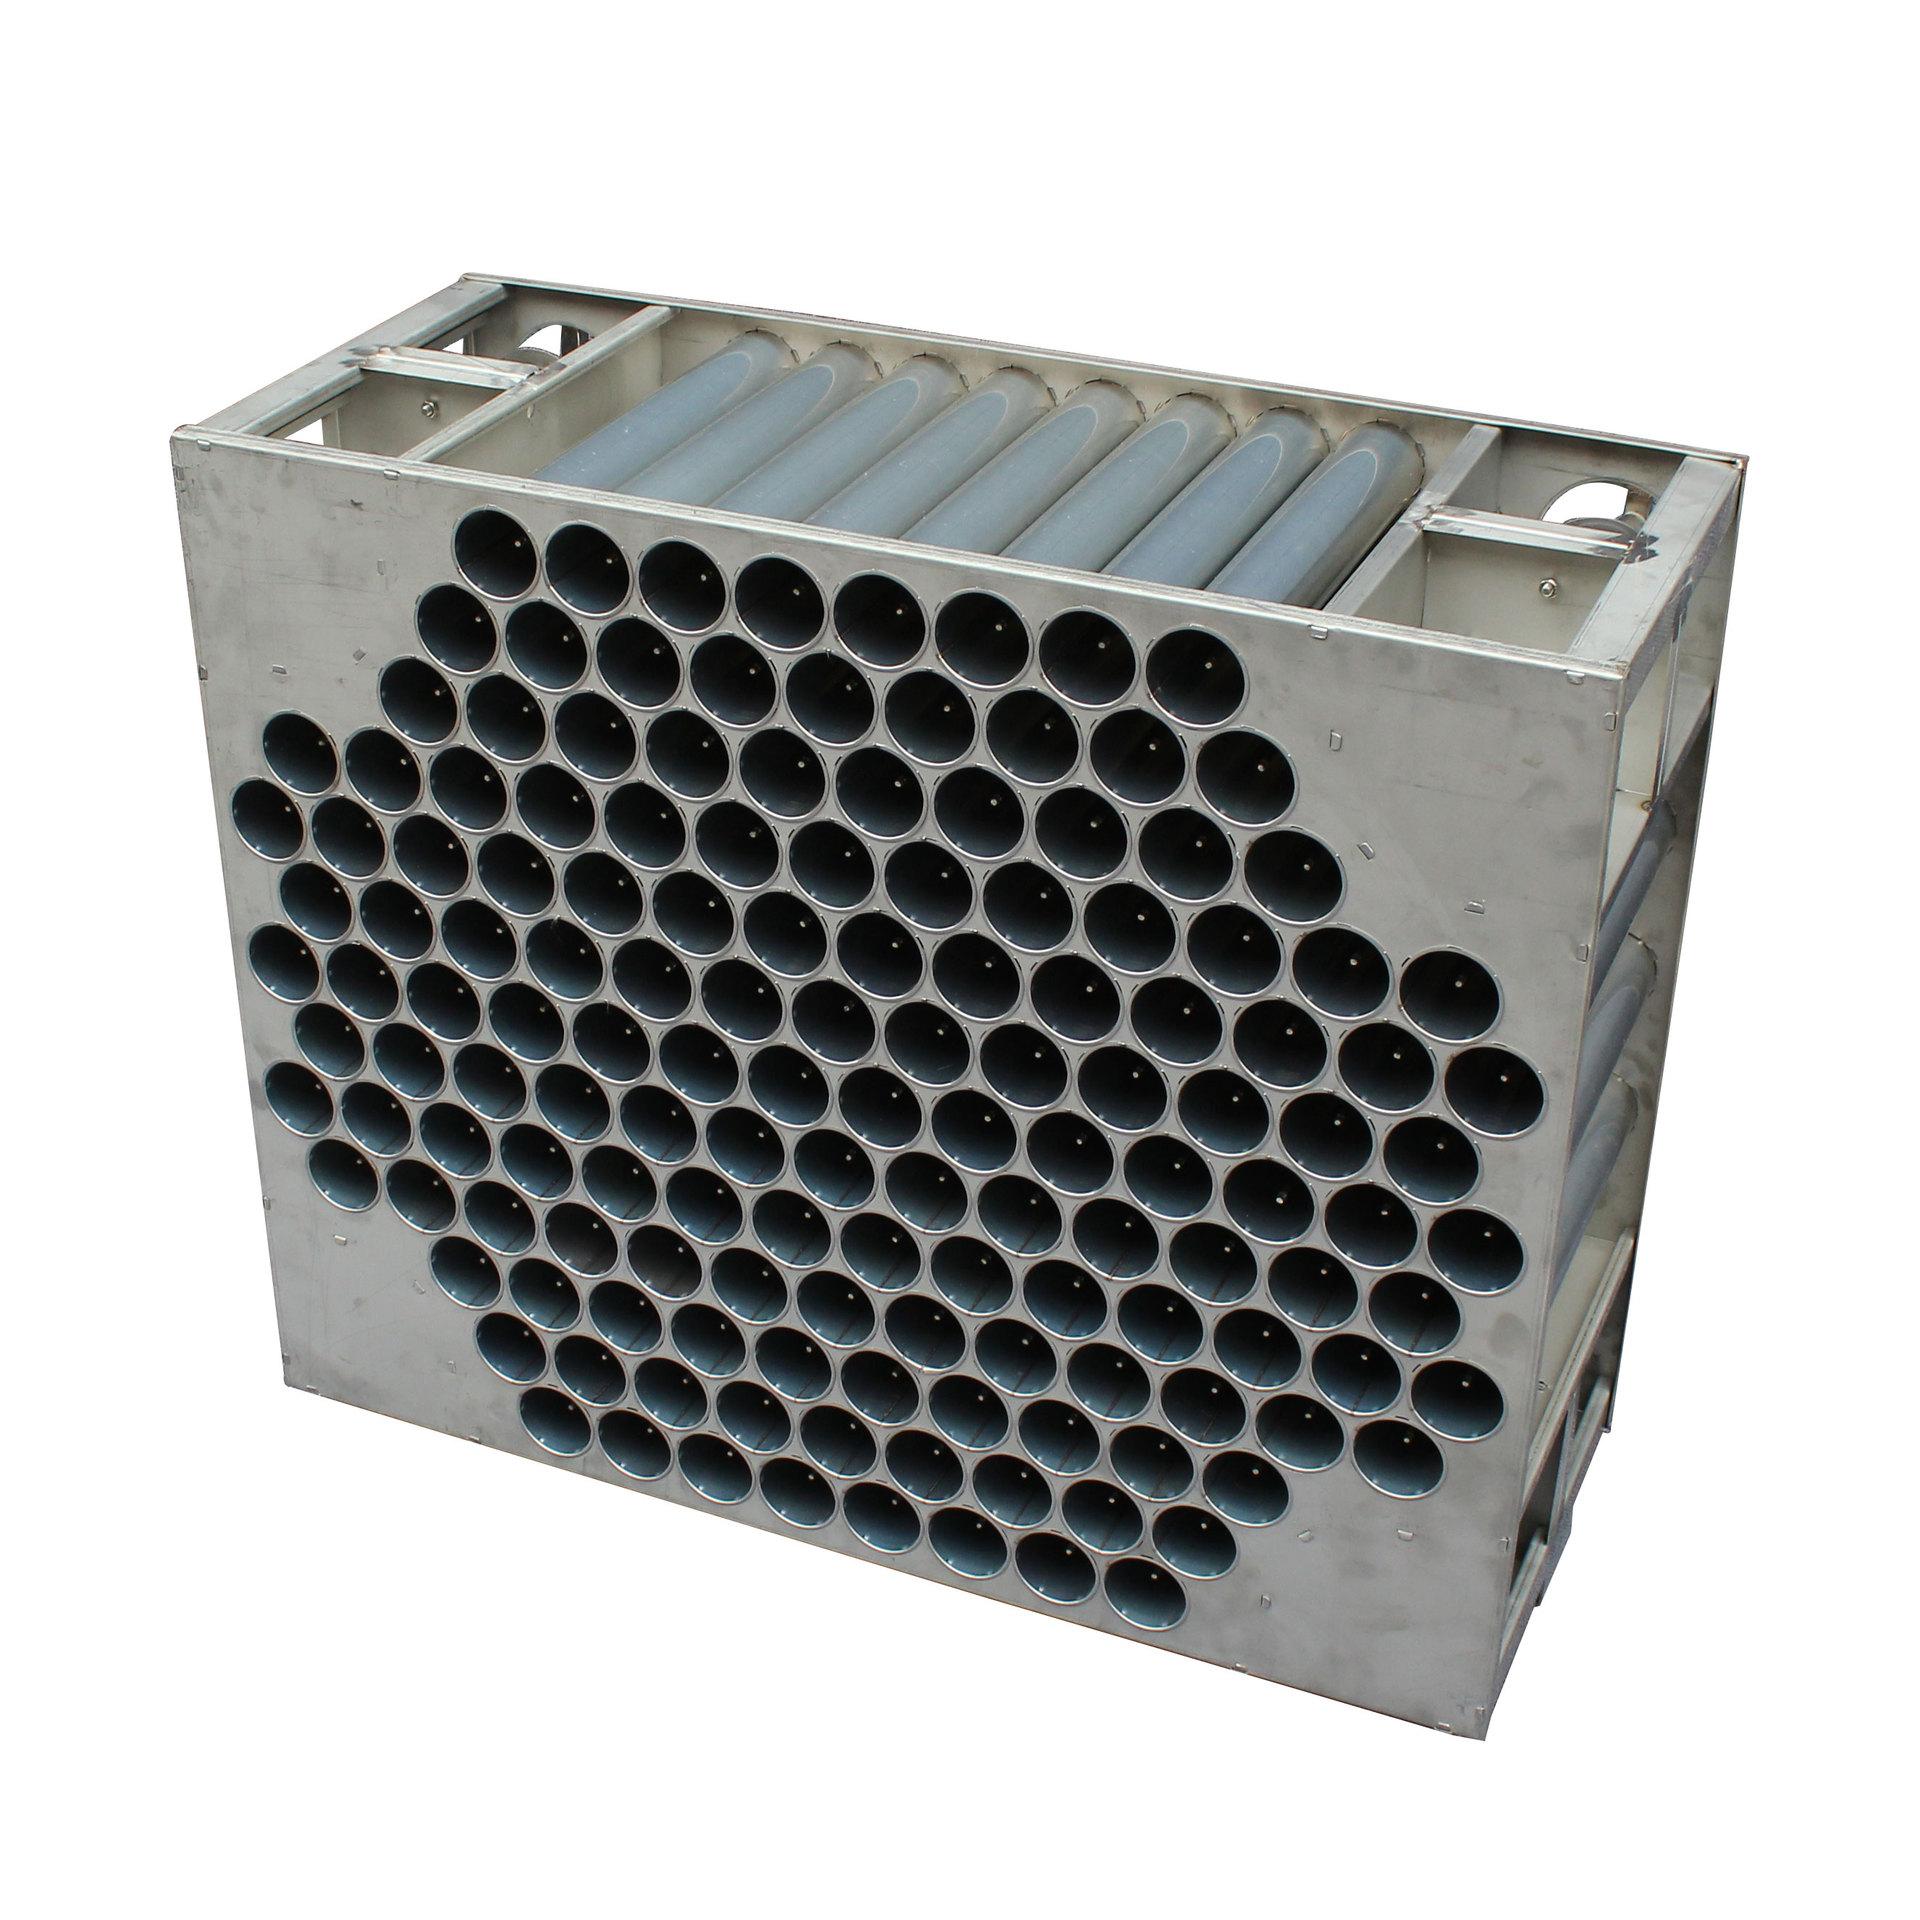 厂家供应 等离子净化器电场 等离子电极 148孔镀锌蜂巢电场